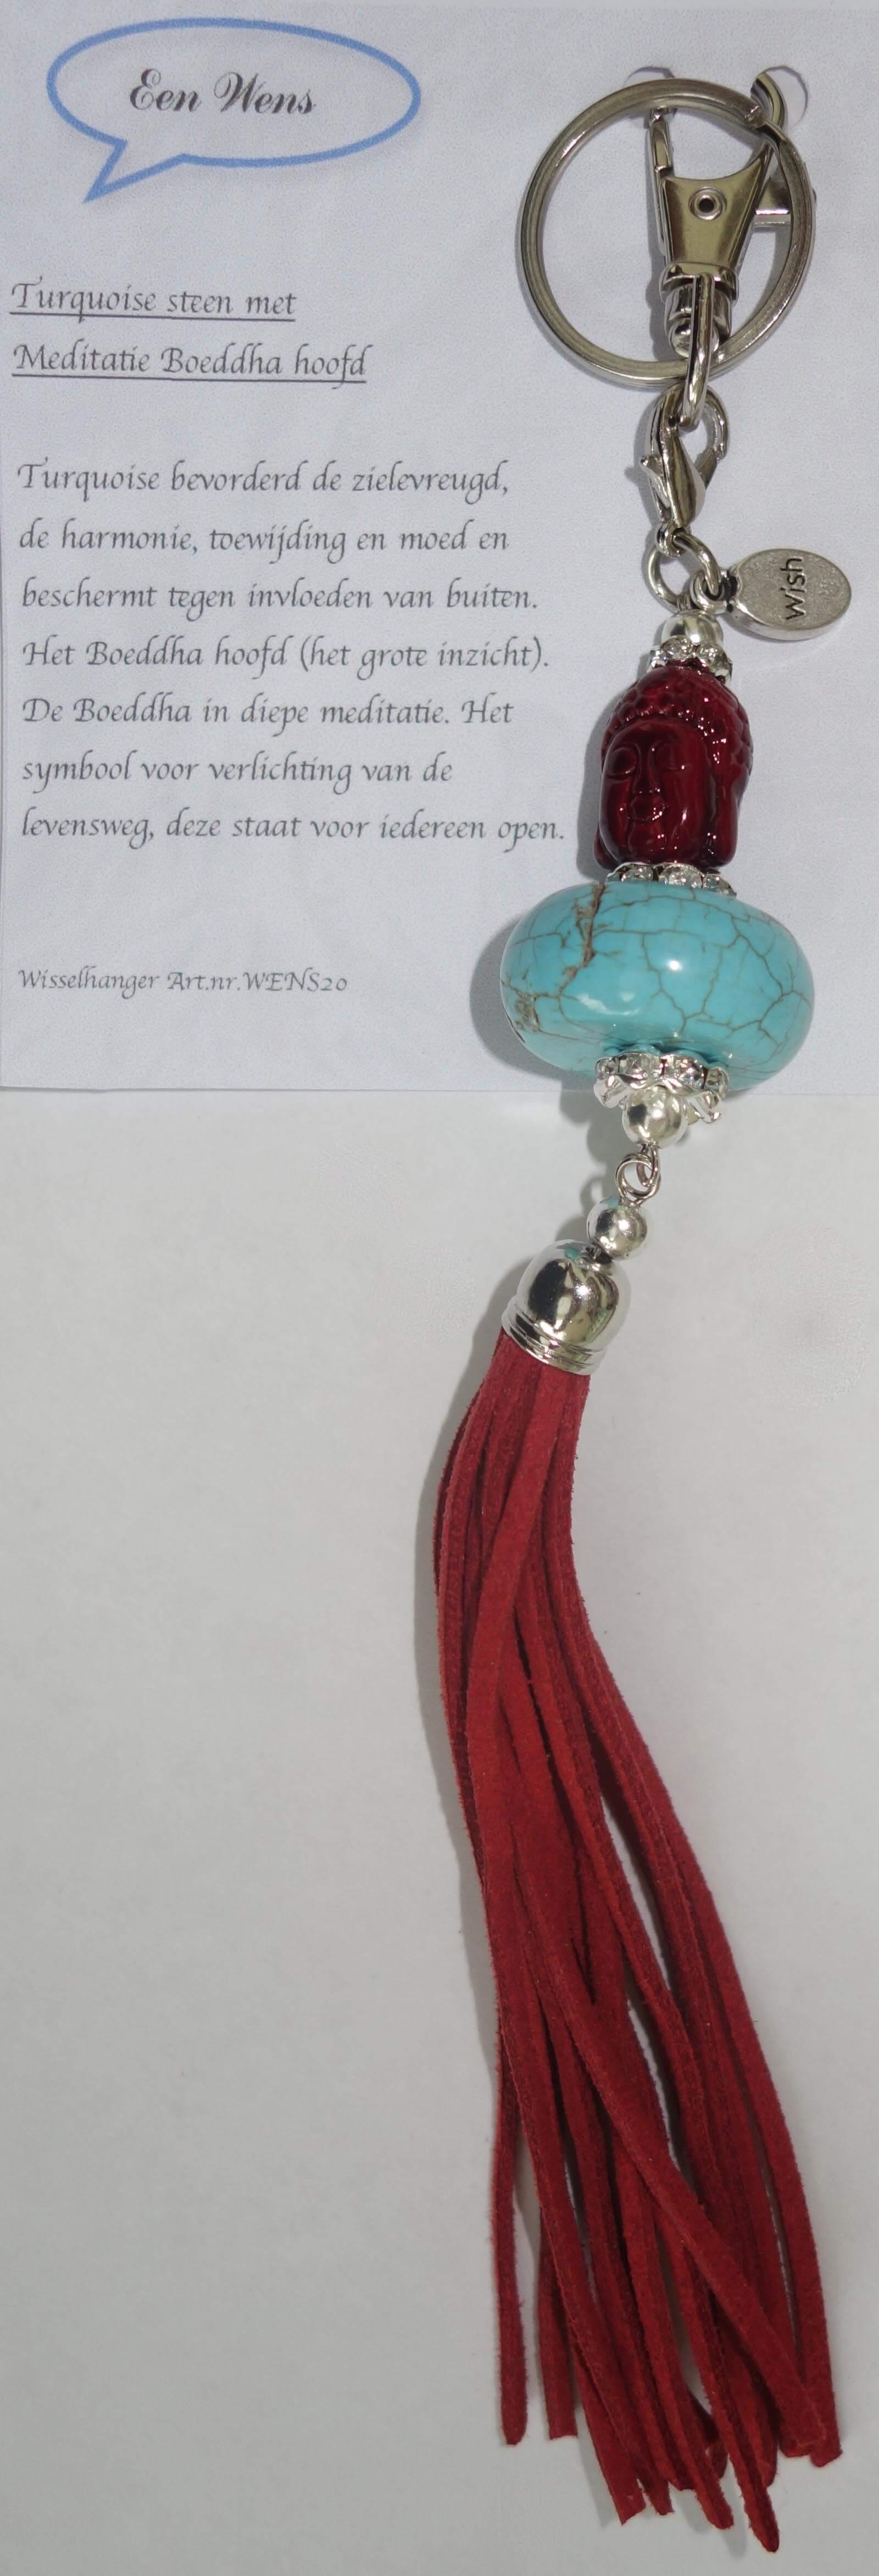 Turquoise Steen met Meditatie Boeddha Hoofd Rood-0